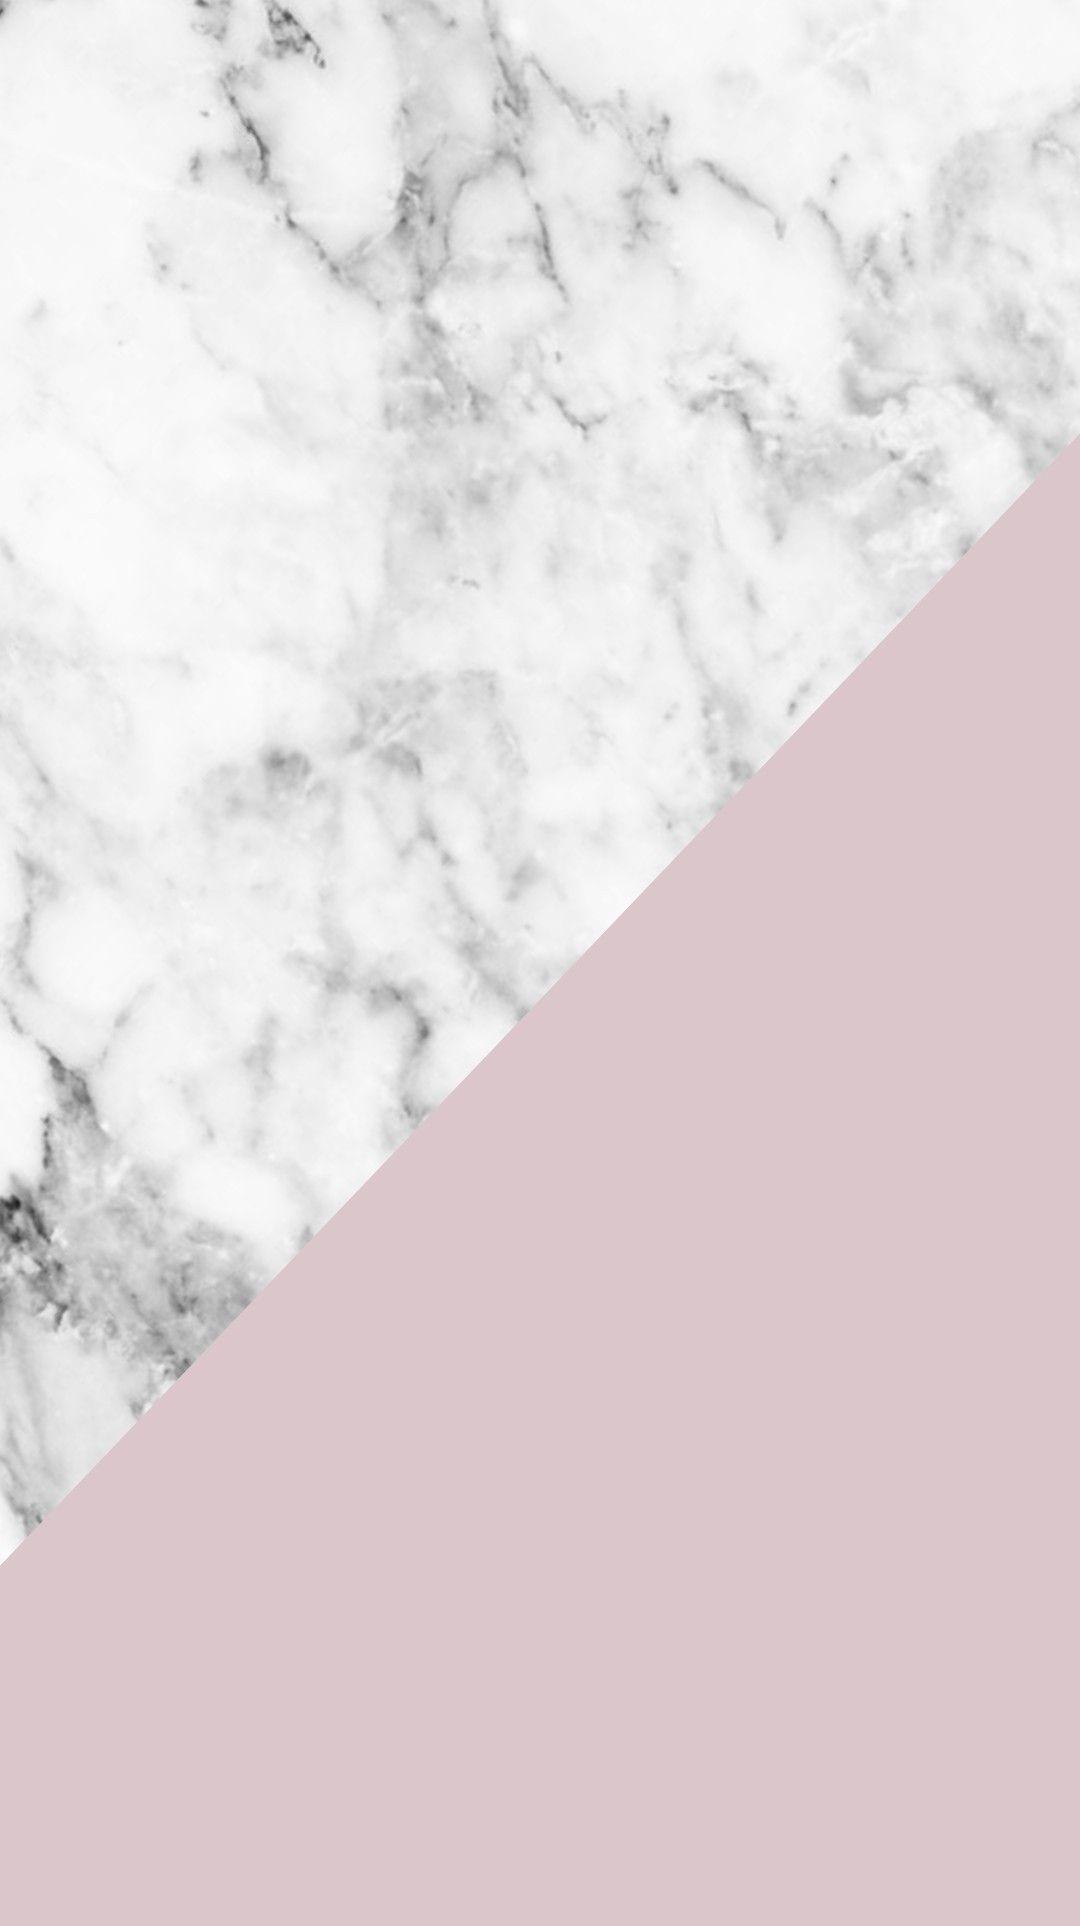 Pink White Marble Imagem De Fundo Para Iphone Papel De Parede De Marmore Planos De Fundo